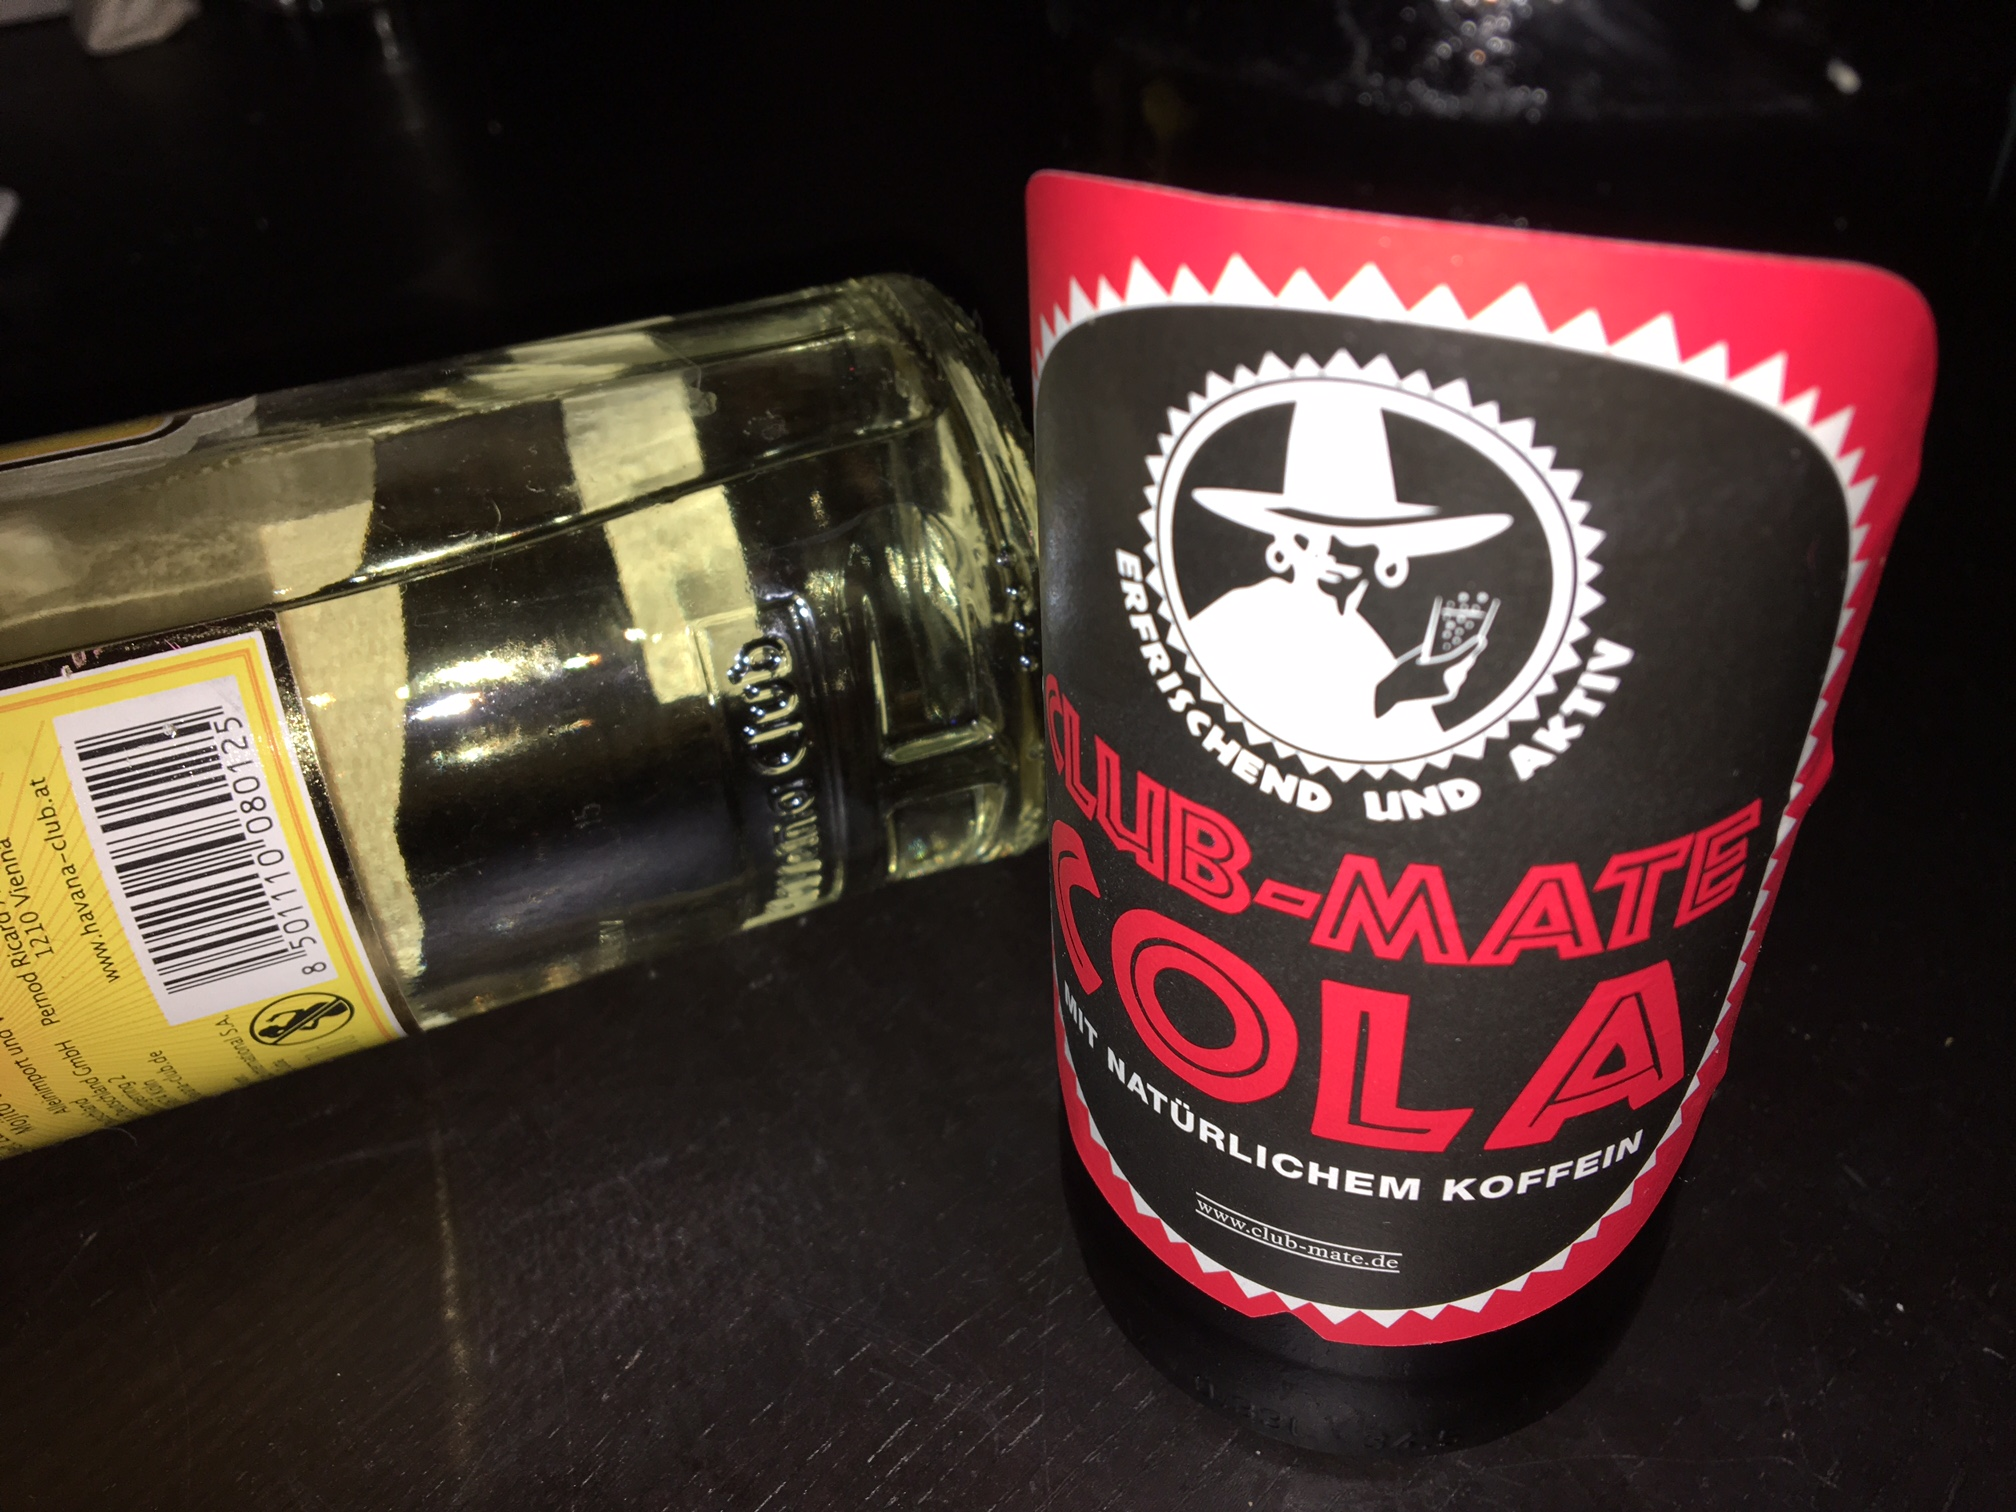 Die Club-Mate Cola im Test: Pur und im Cuba Libre.